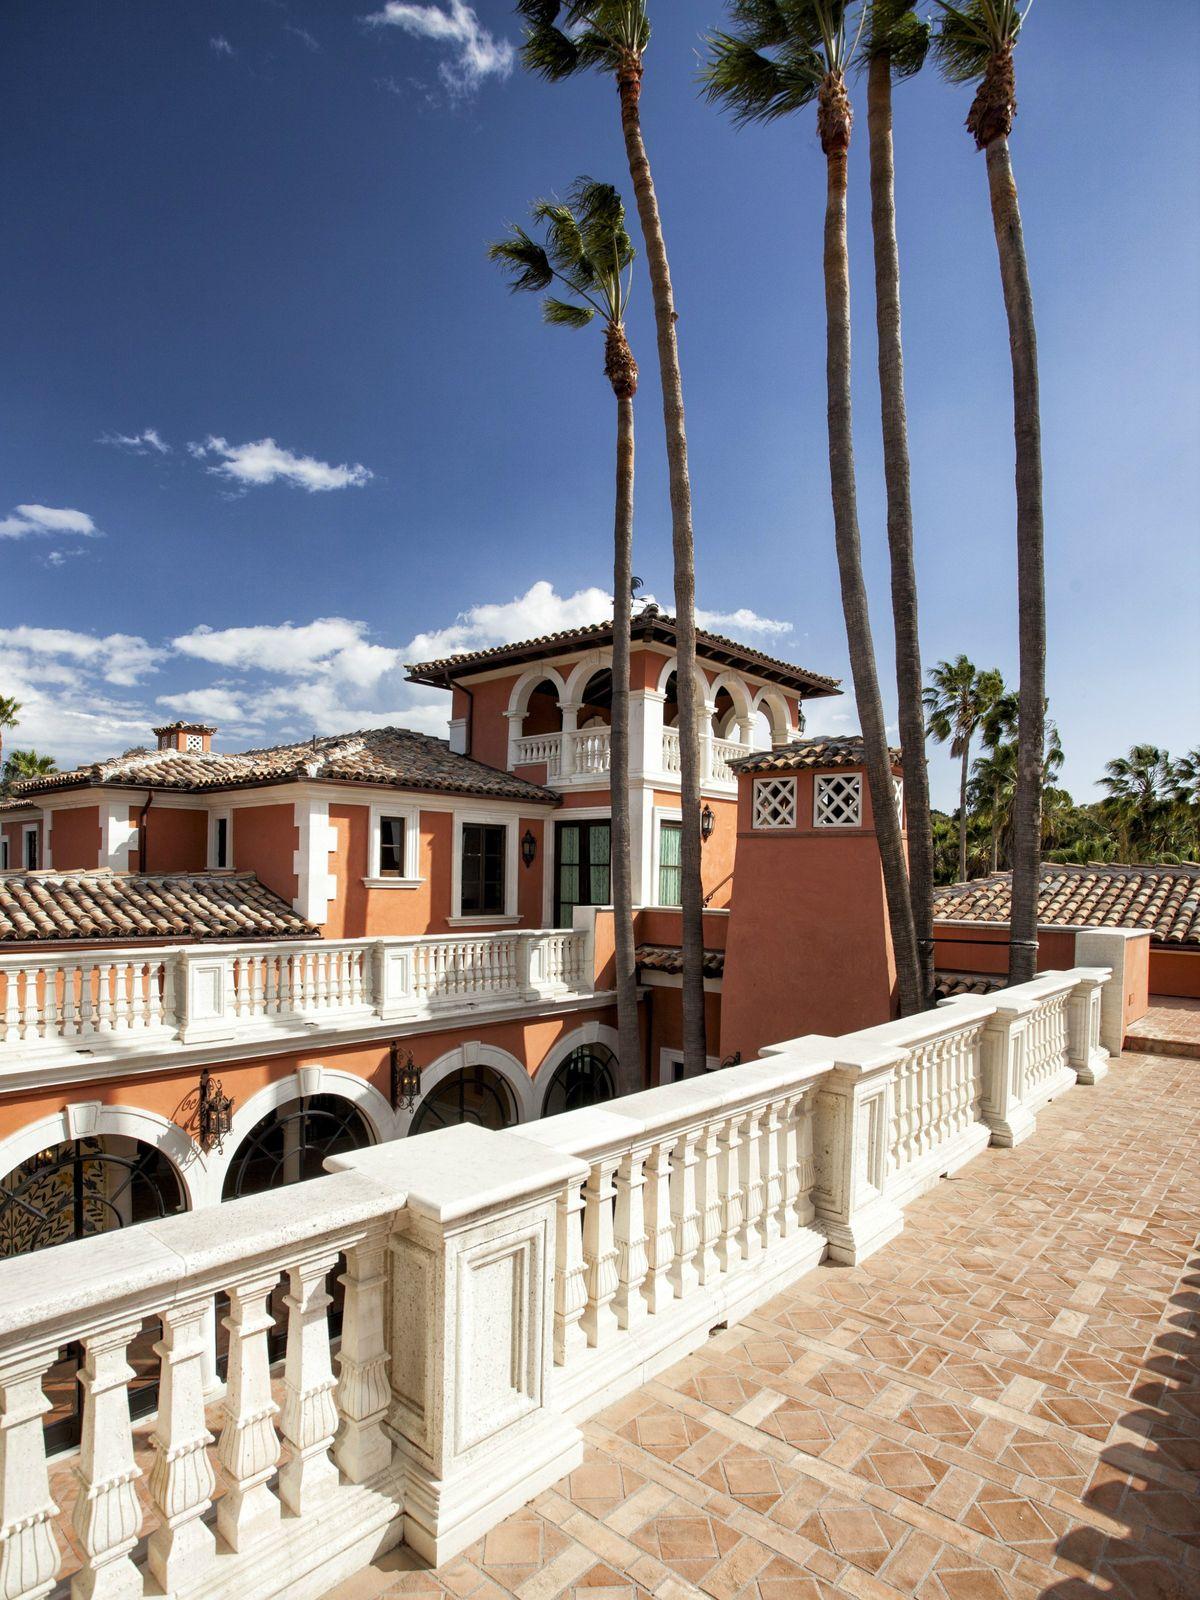 Casitas Pass Estate